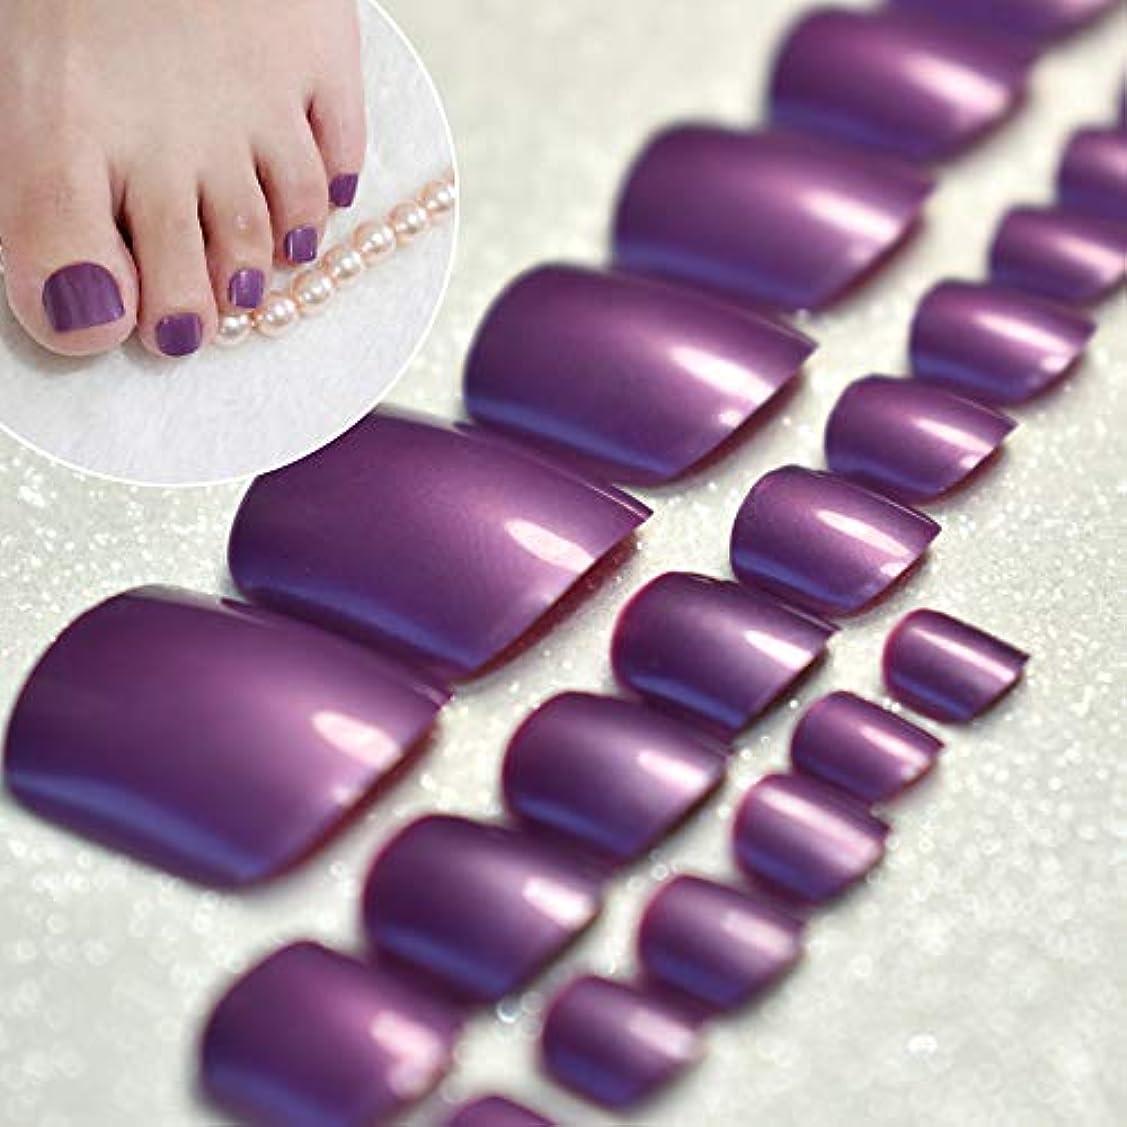 里親うんショートXUTXZKA 足の爪のためのきらめく光沢のあるグレープパープルネイルのヒント足のためのお菓子祭りの偽の足指24本